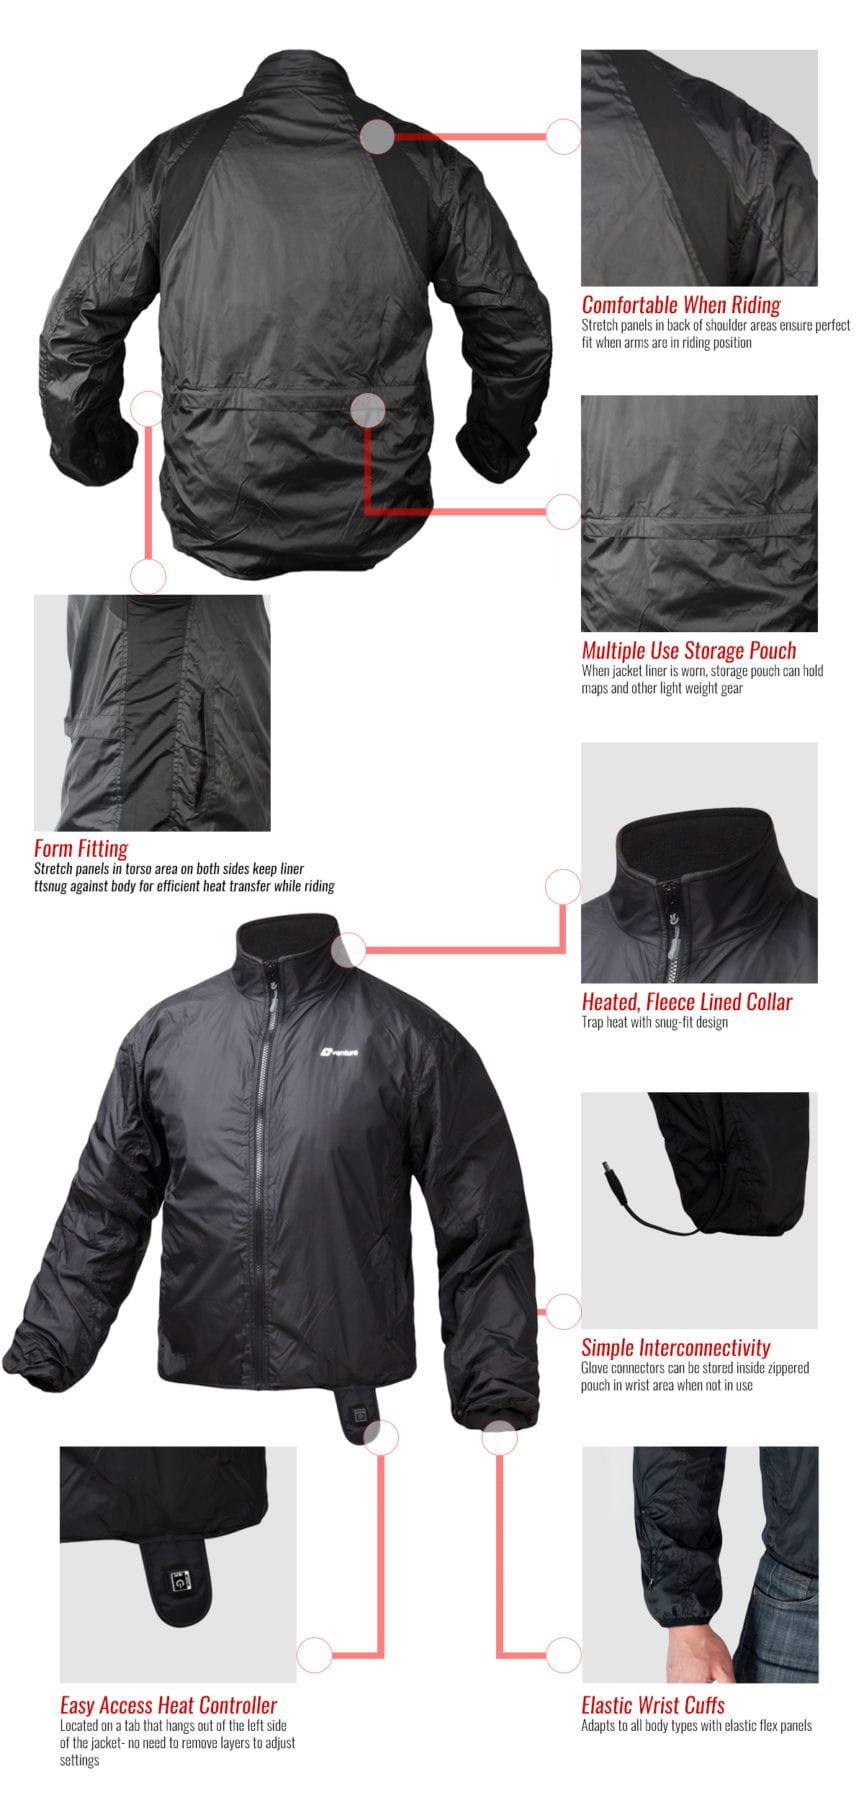 6 Lightweight Jackets Every Guy Needs